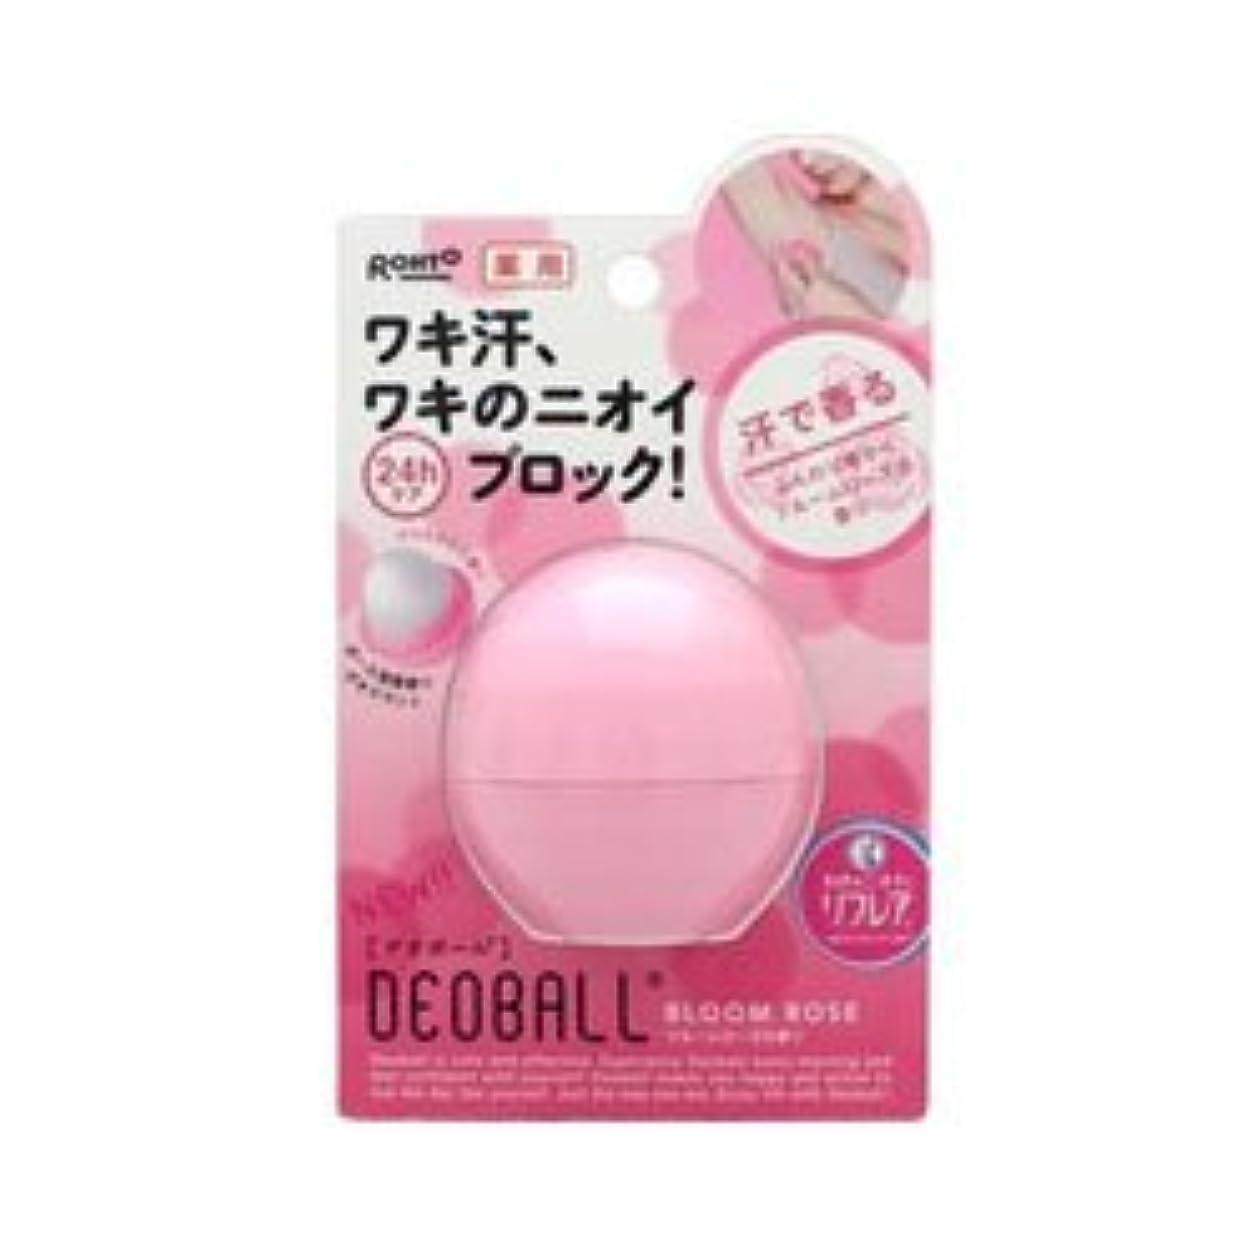 間不完全特許【ロート製薬】デオボール ブルームローズの香り(ピンク) 15g(医薬部以外品) ×3個セット